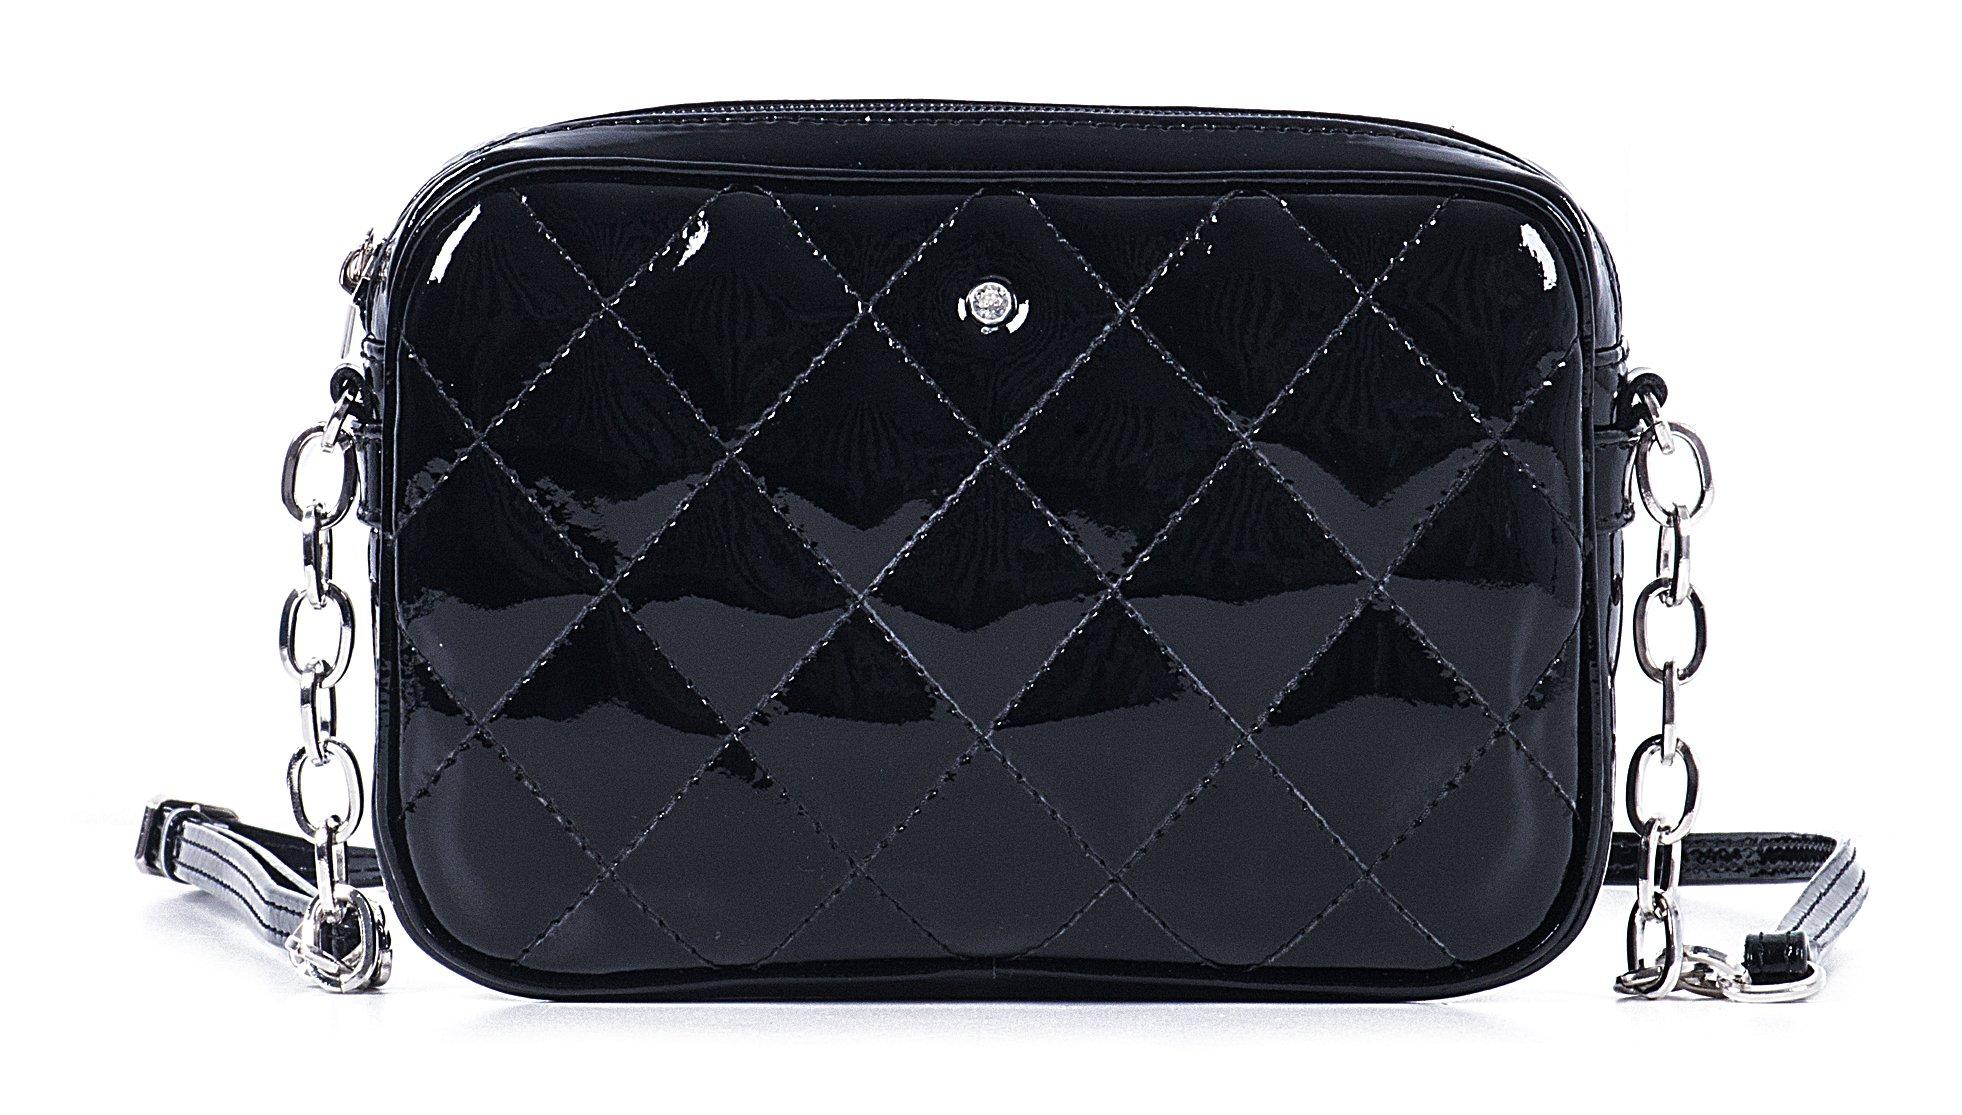 Luxusní černé lakované kožené psaníčko Petronel 31304/P/PL01 Wojewodzic